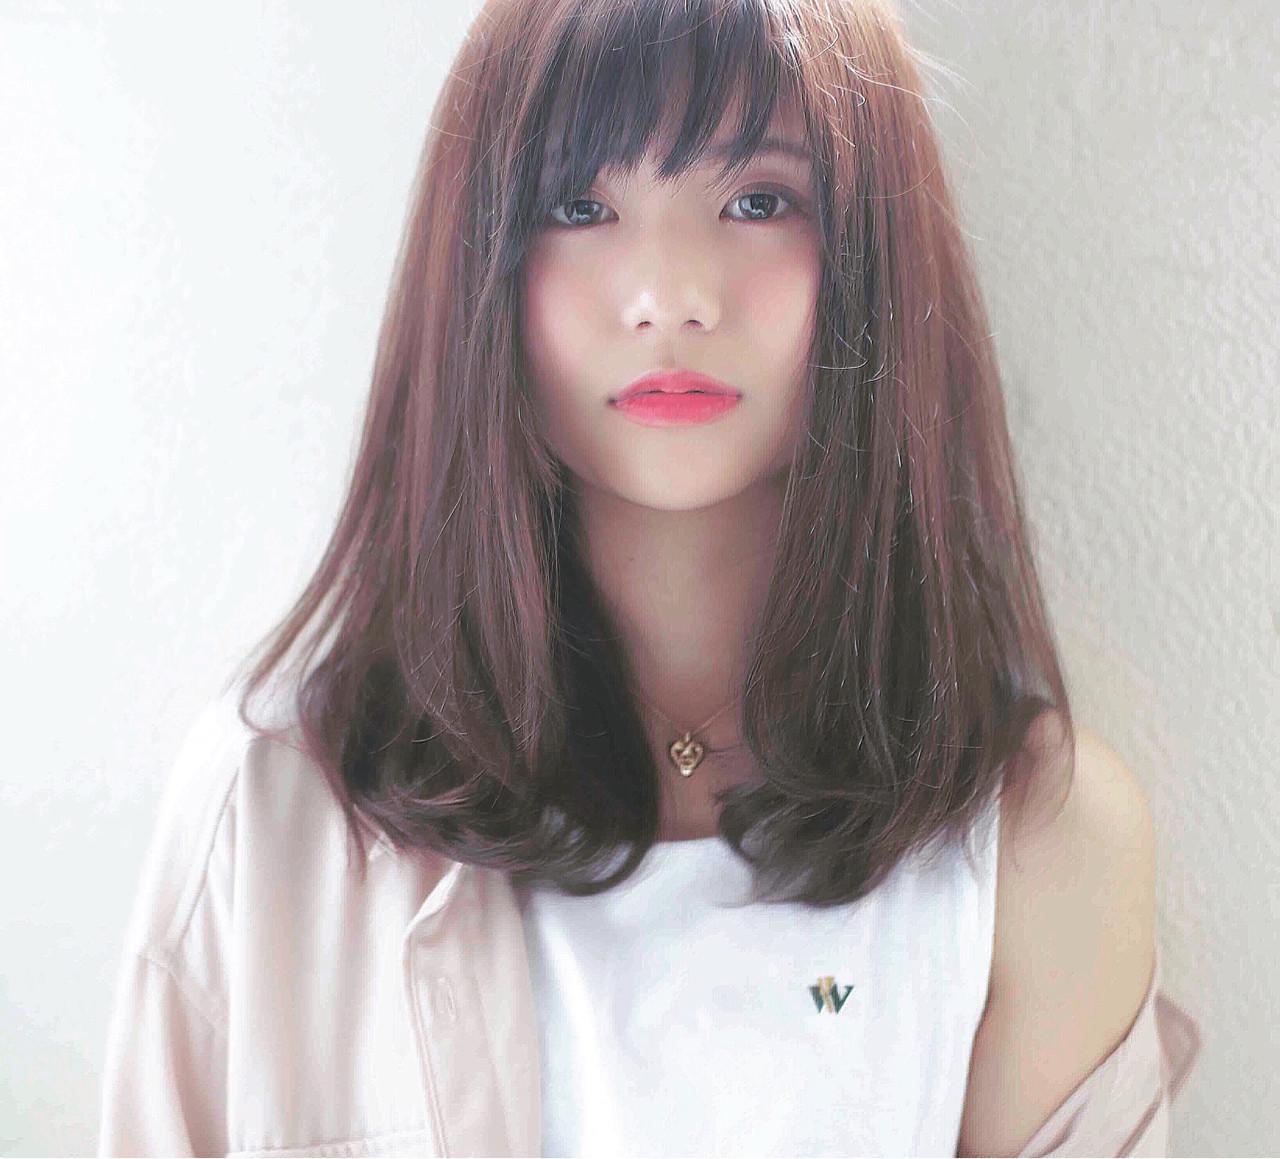 前髪重めスタイルでデカ目&小顔をつくる方法まとめ 宮内 陽光(みやうち あきみつ)